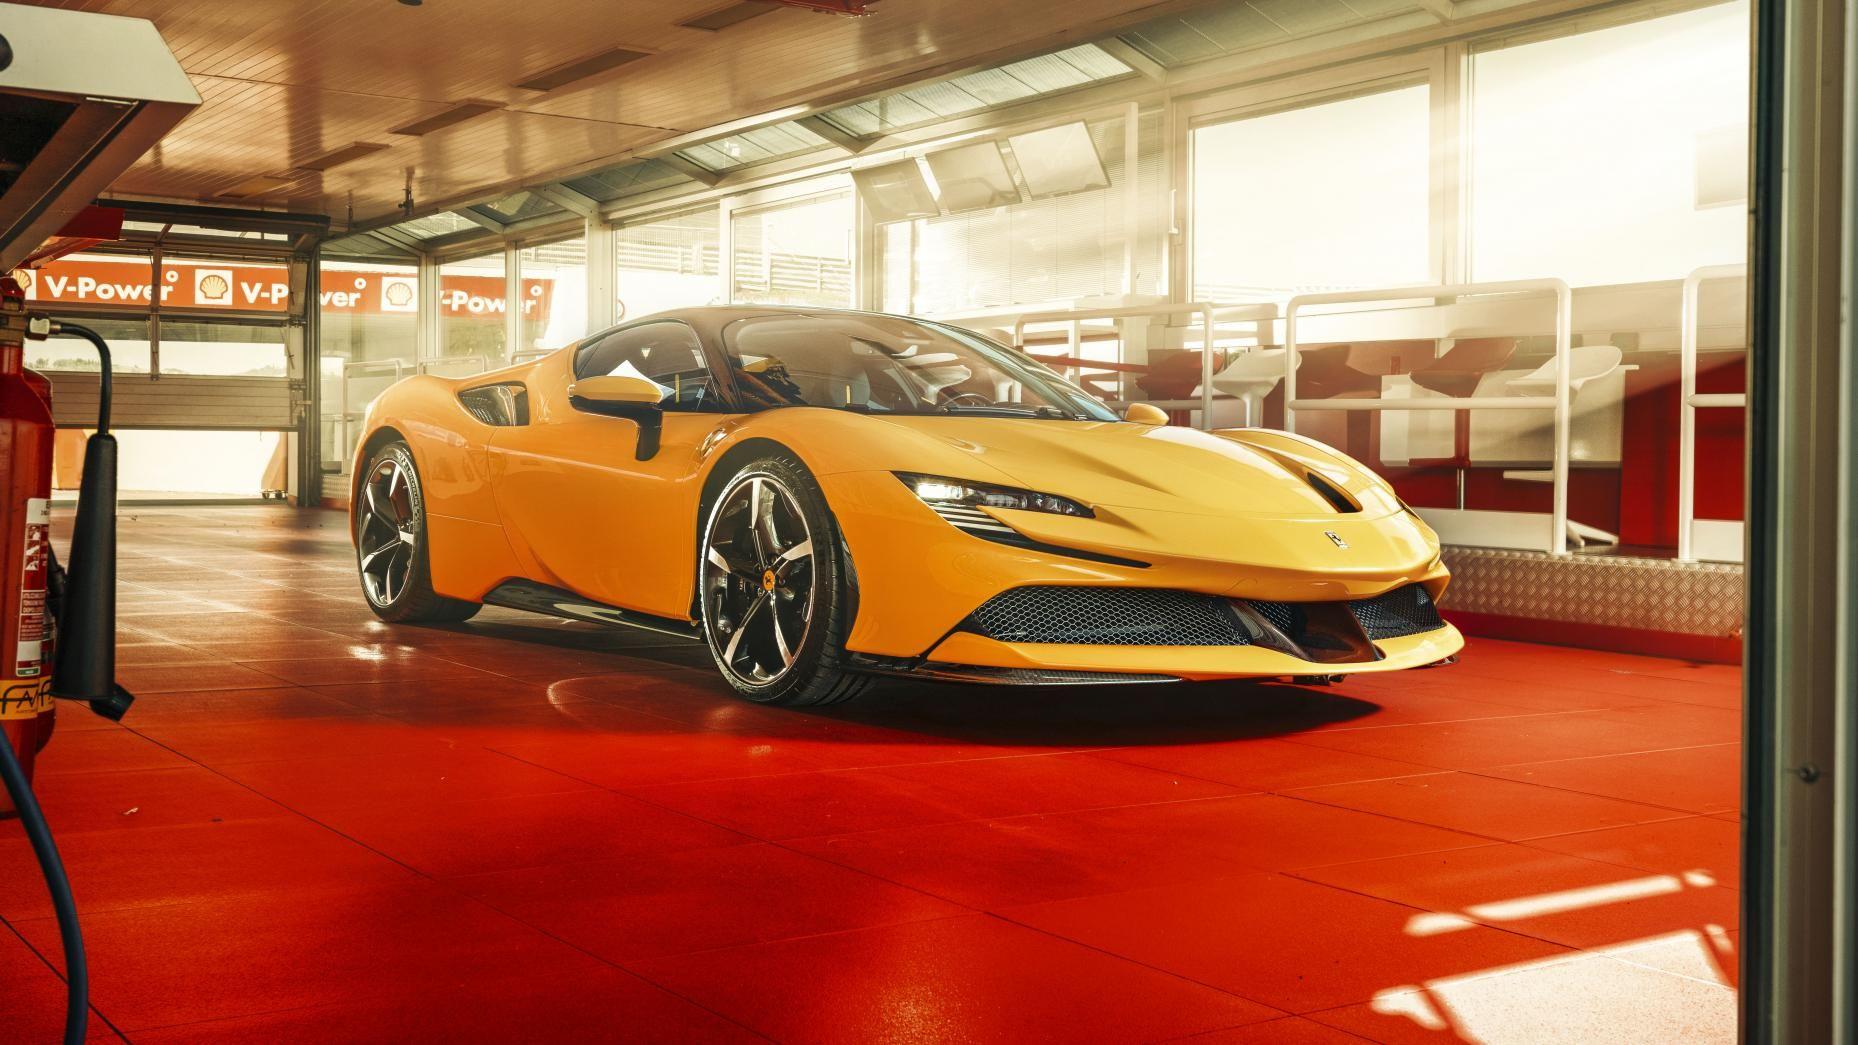 Image Du Tableau Concept Car De Andar Voitures Musclees Mc